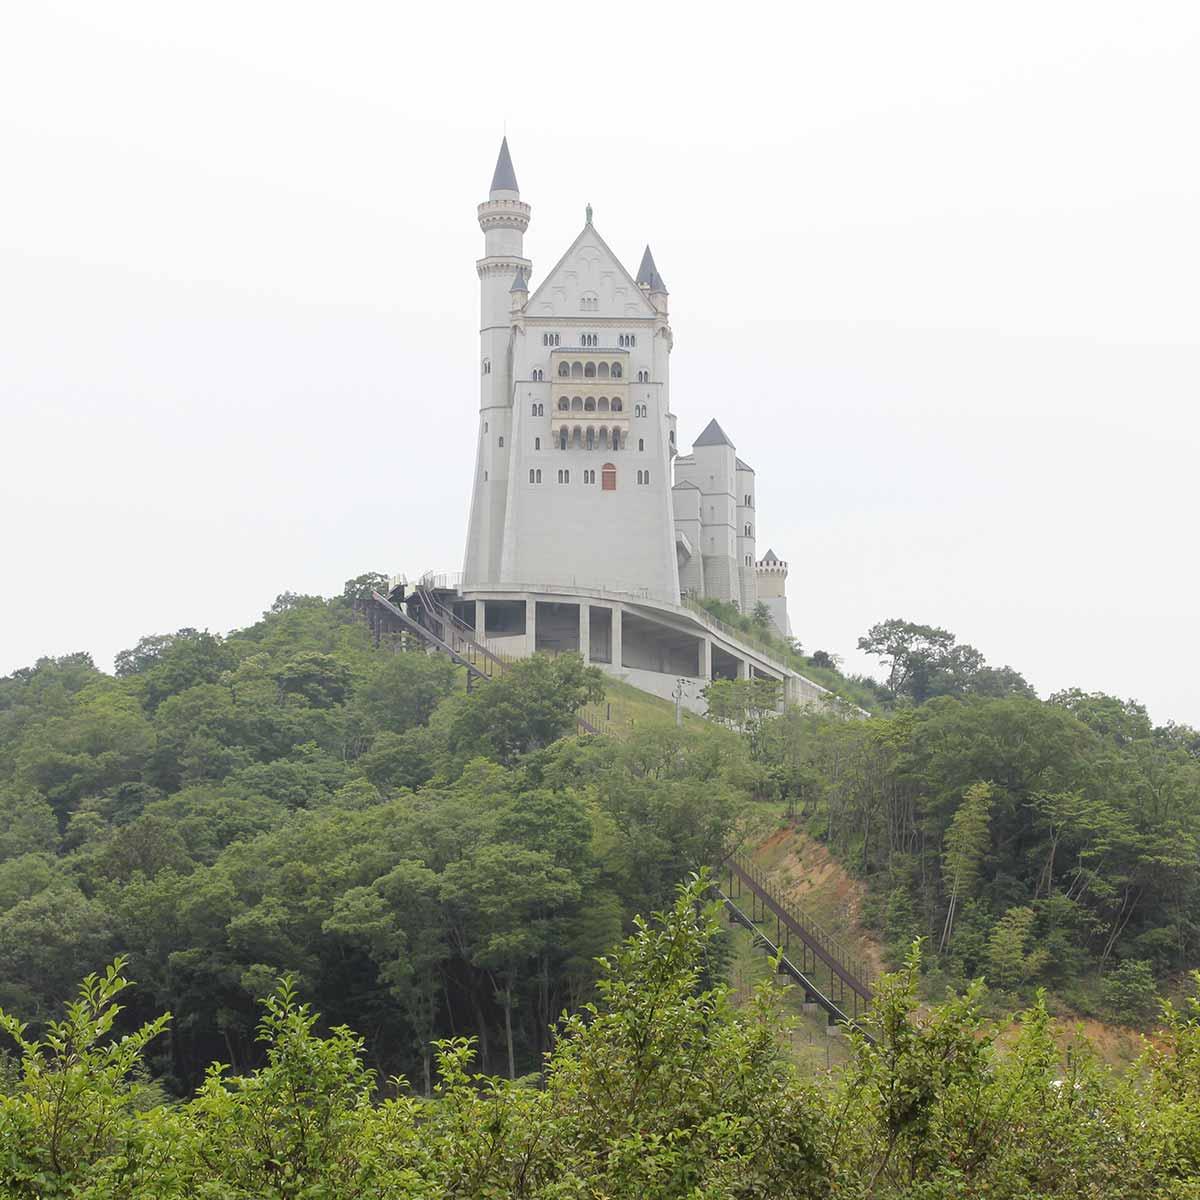 Taiyo Castle in Himeji